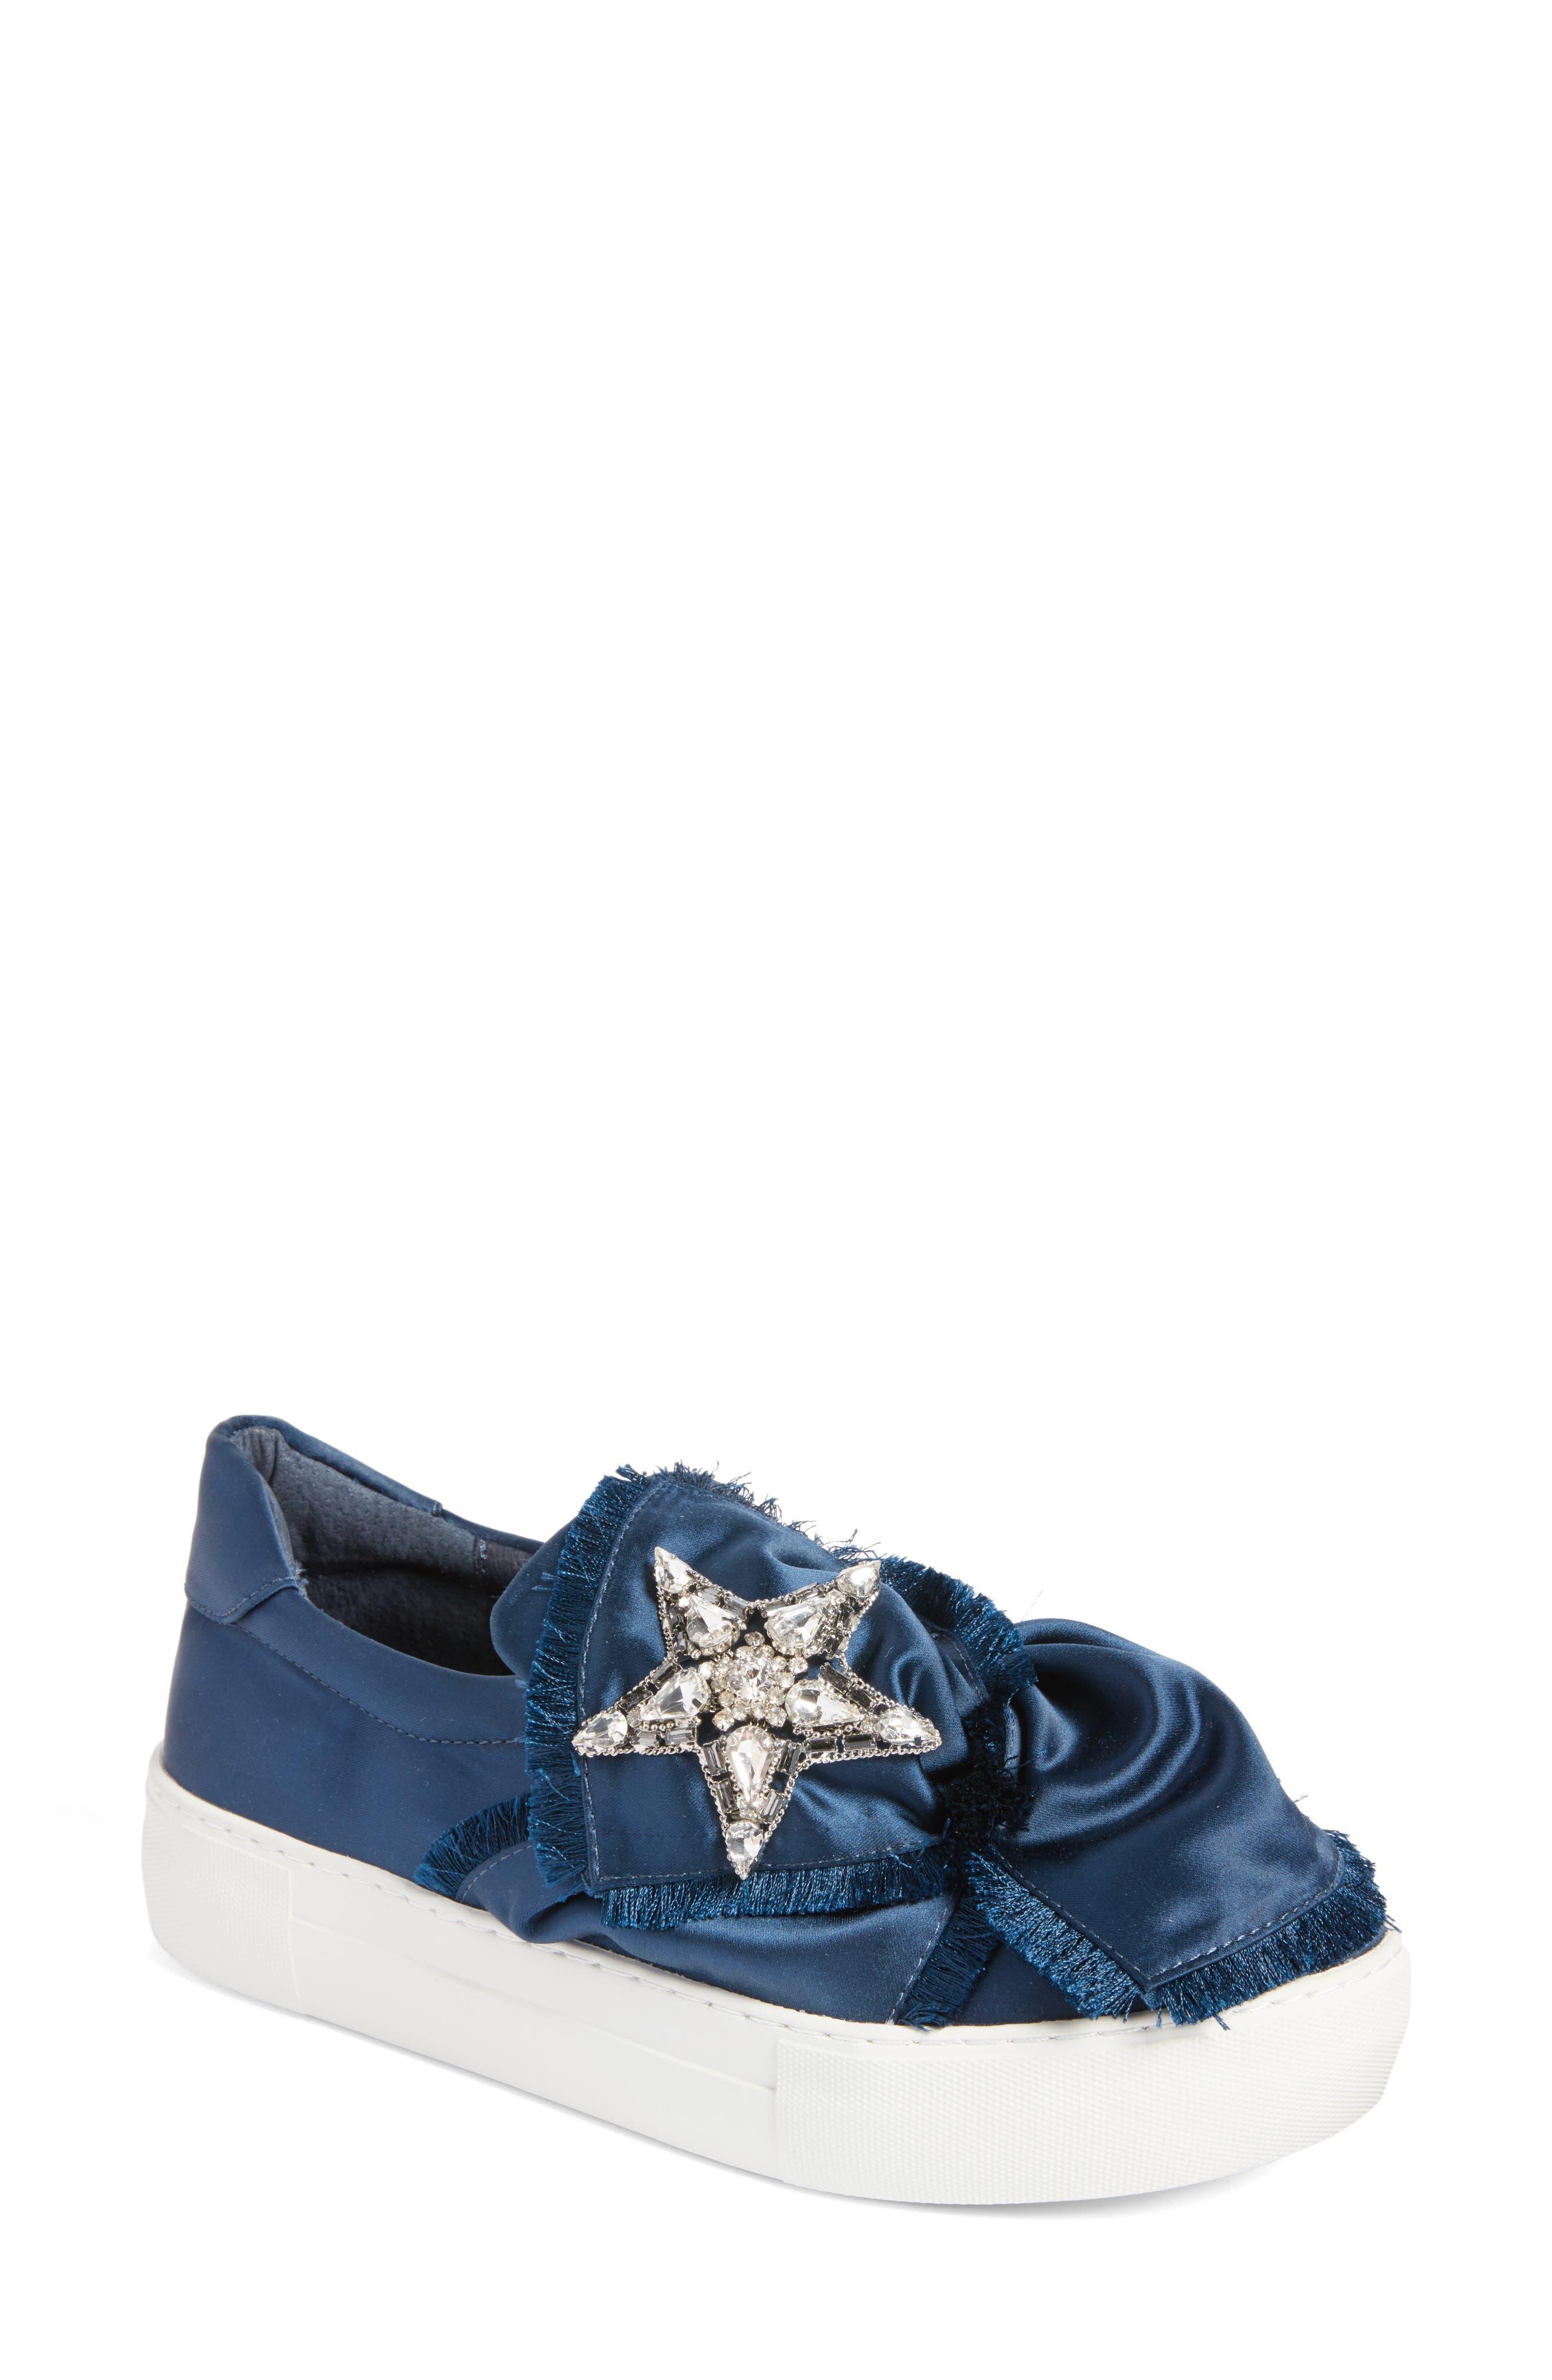 JSlides Astor Slip-On Sneaker (Women)